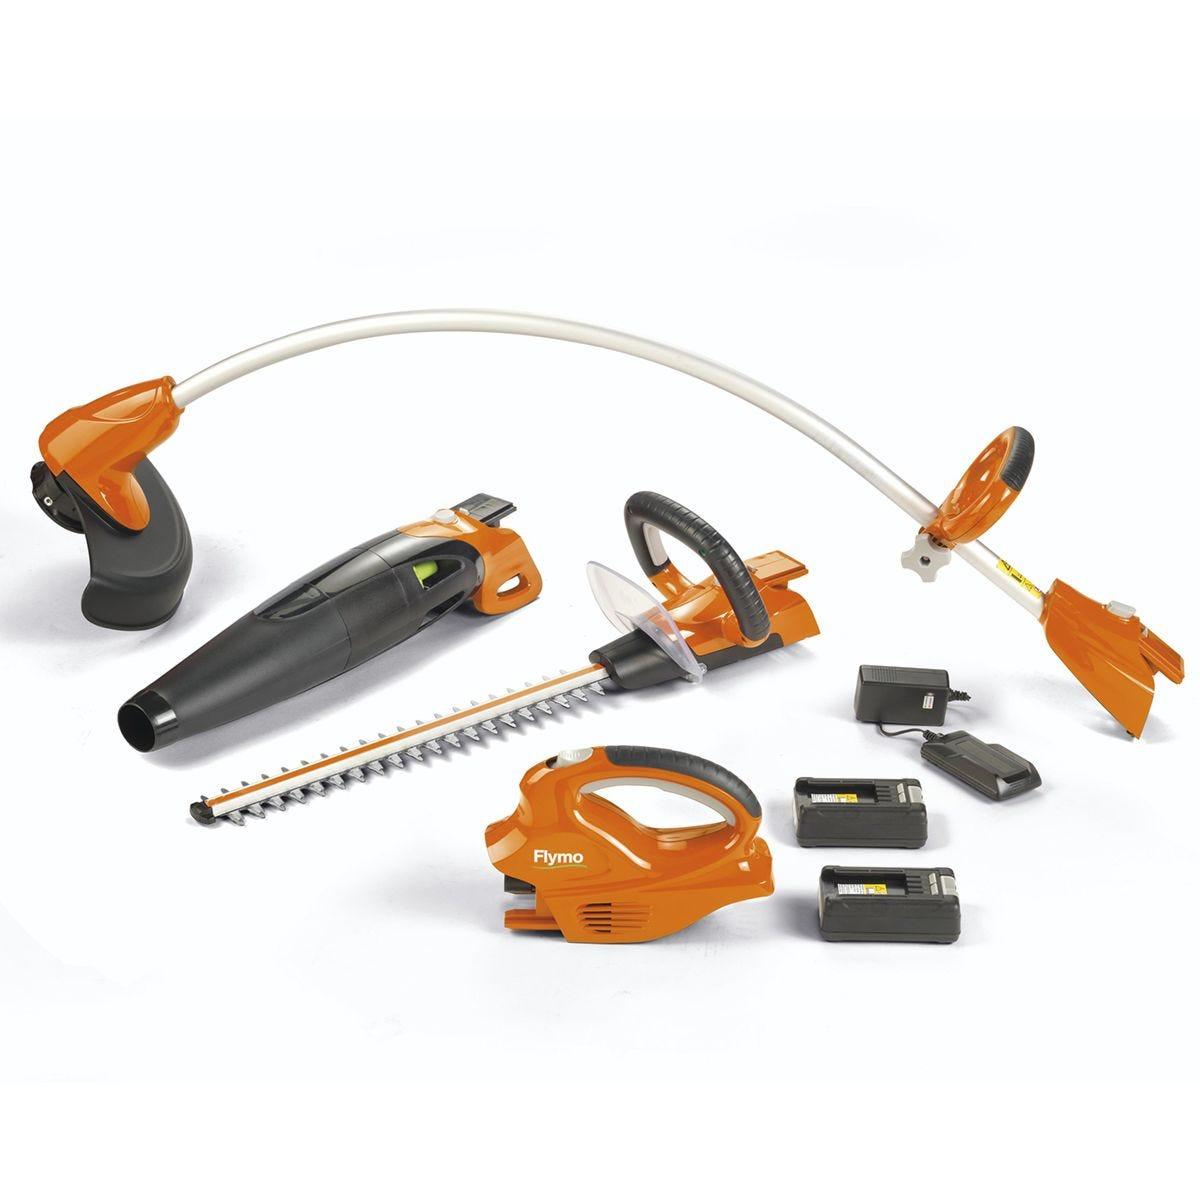 Flymo C-Link 20V 3 in 1 Bundle Kit - Grass Trimmer, Hedge Trimmer and Leaf Blower